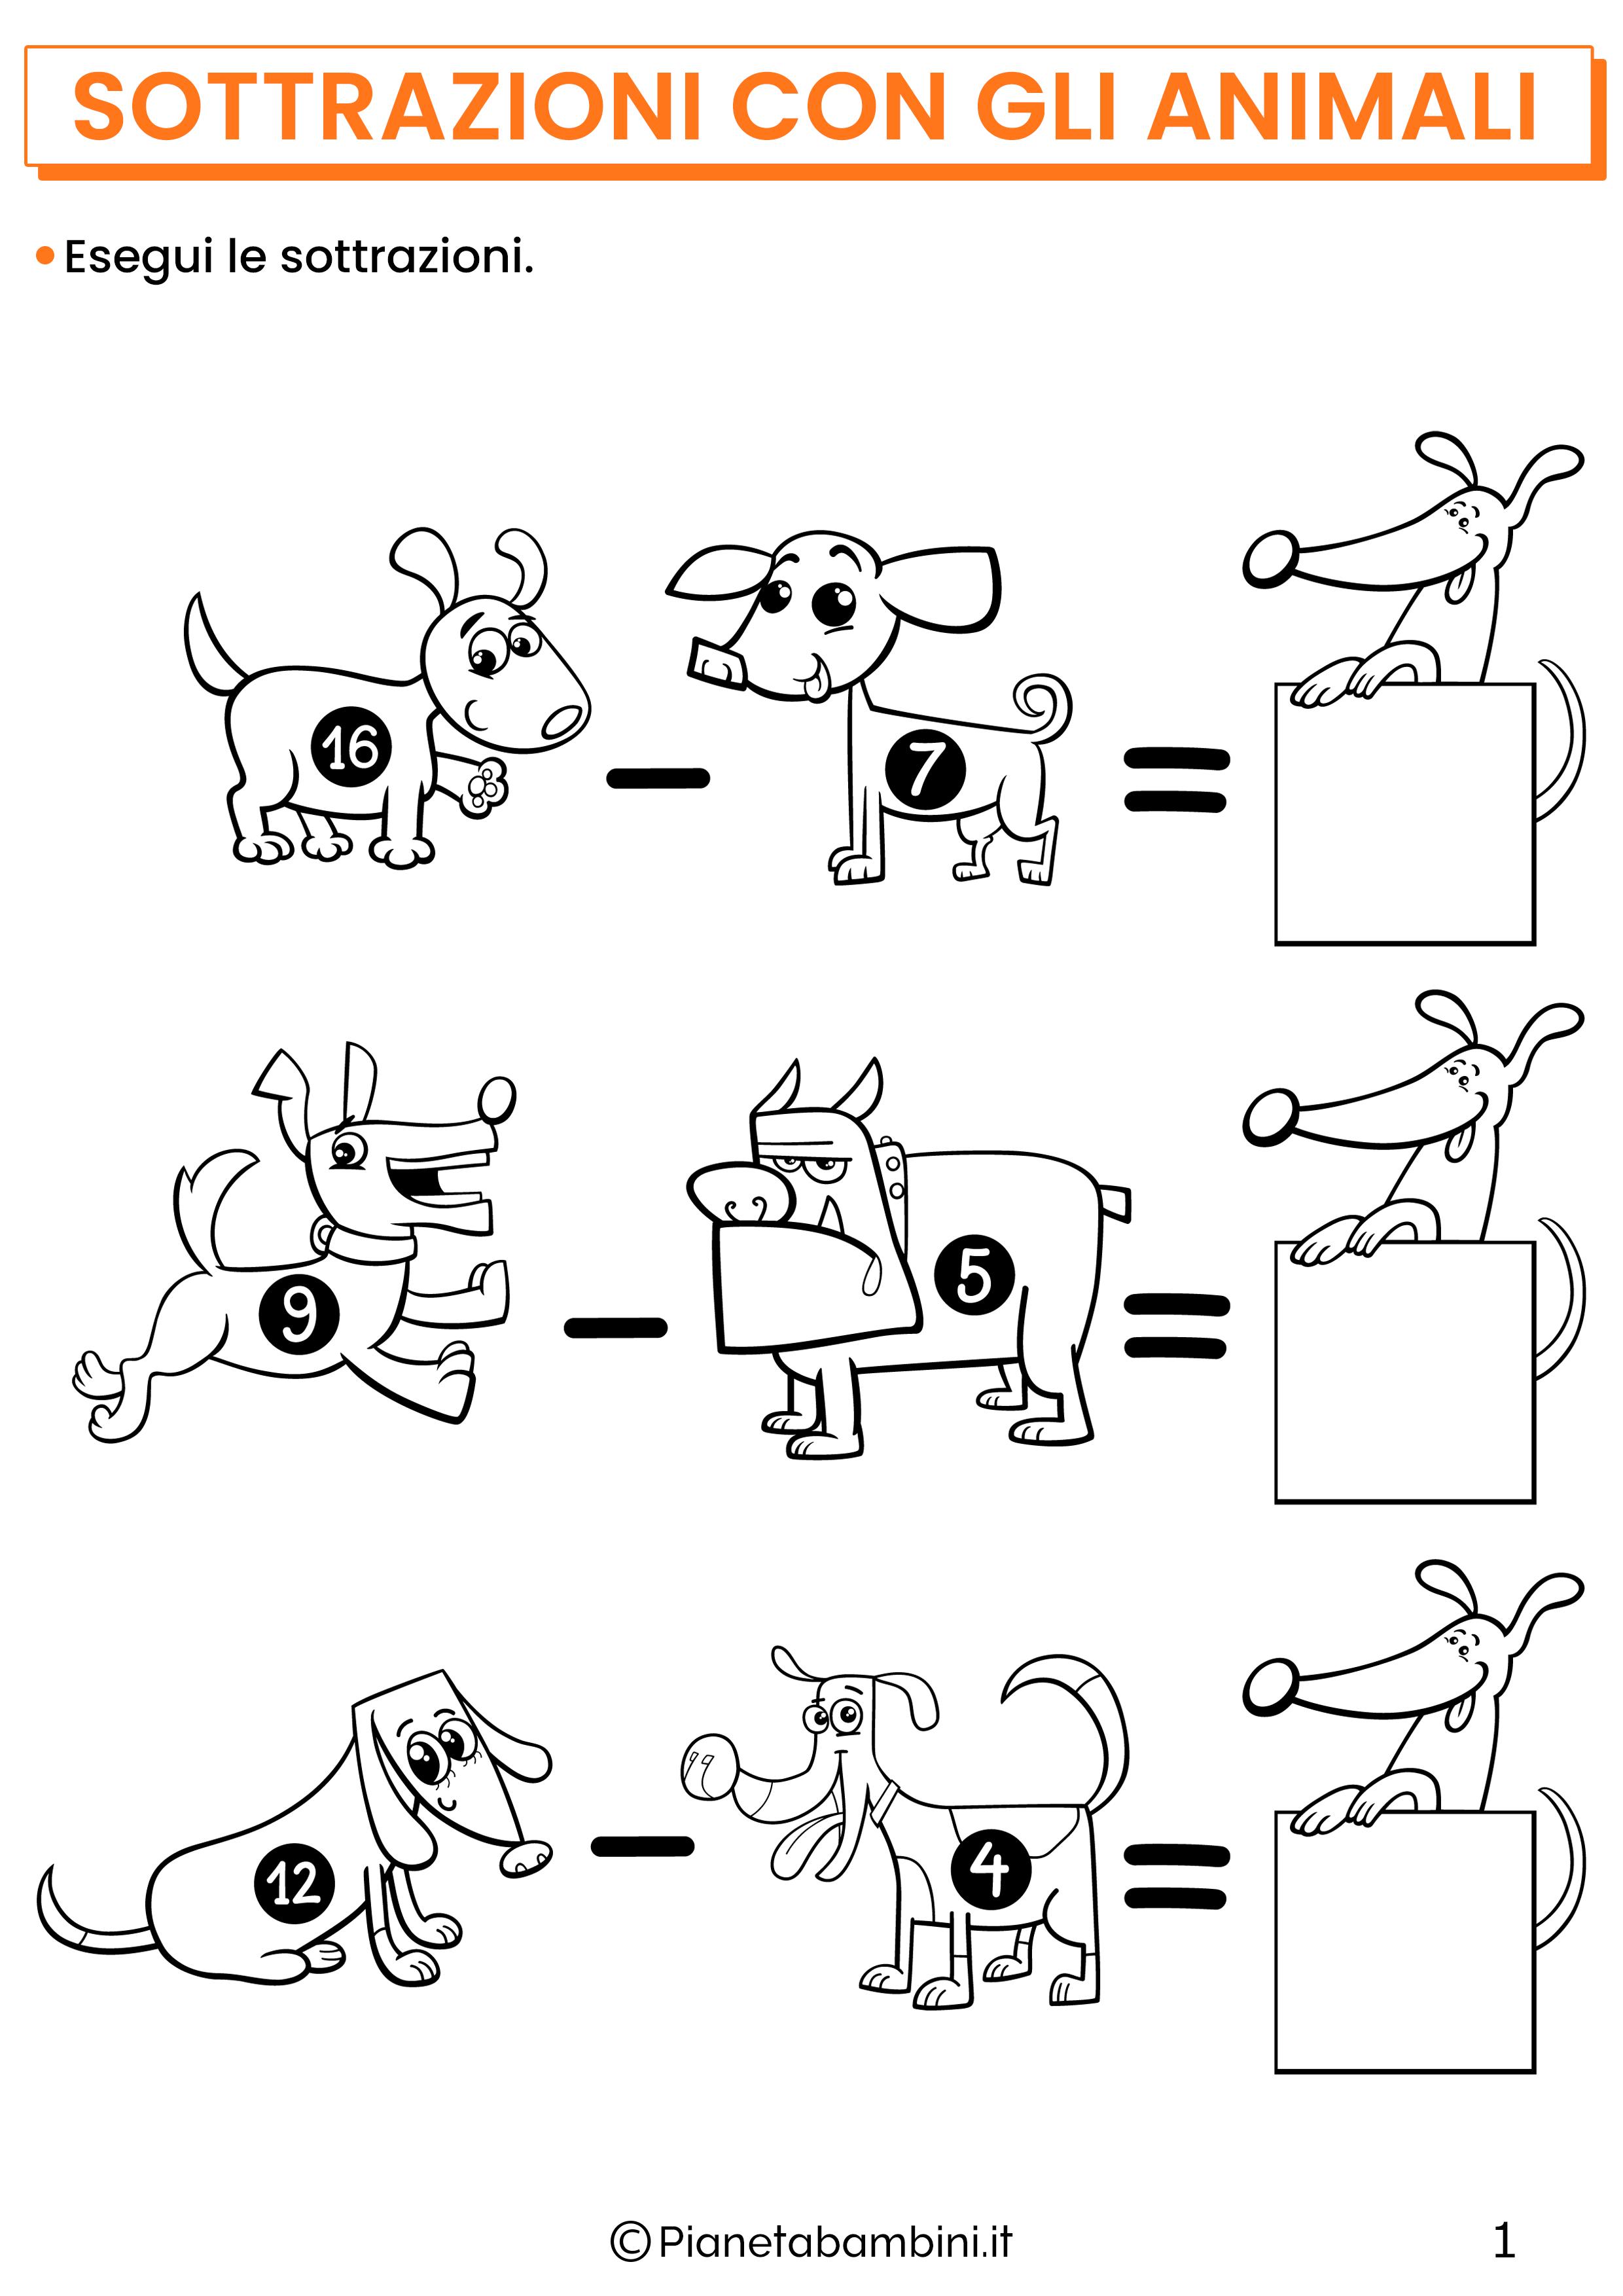 Sottrazioni con gli animali per la classe prima pagina 1